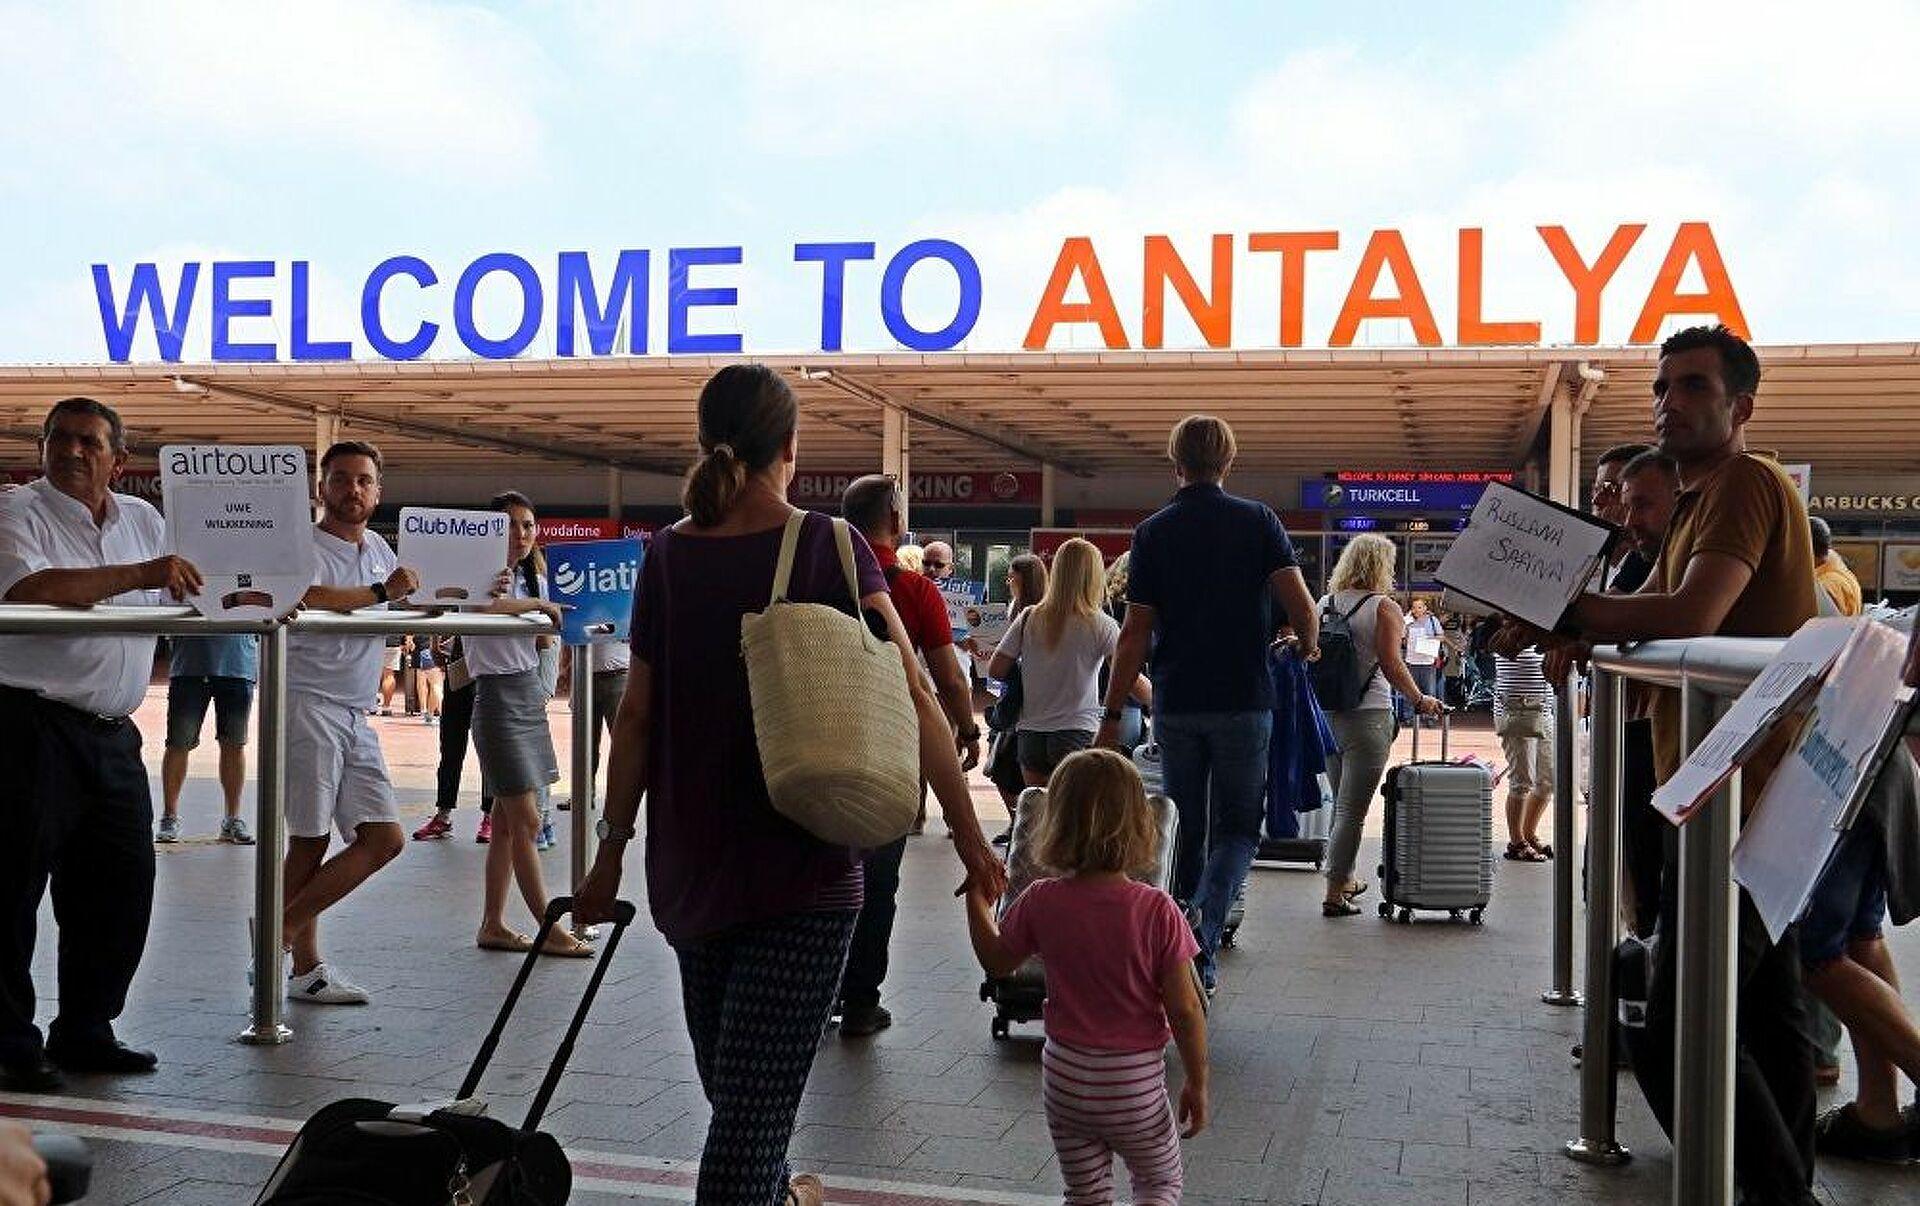 Antalya'da turist sayısı yüzde 162 arttı